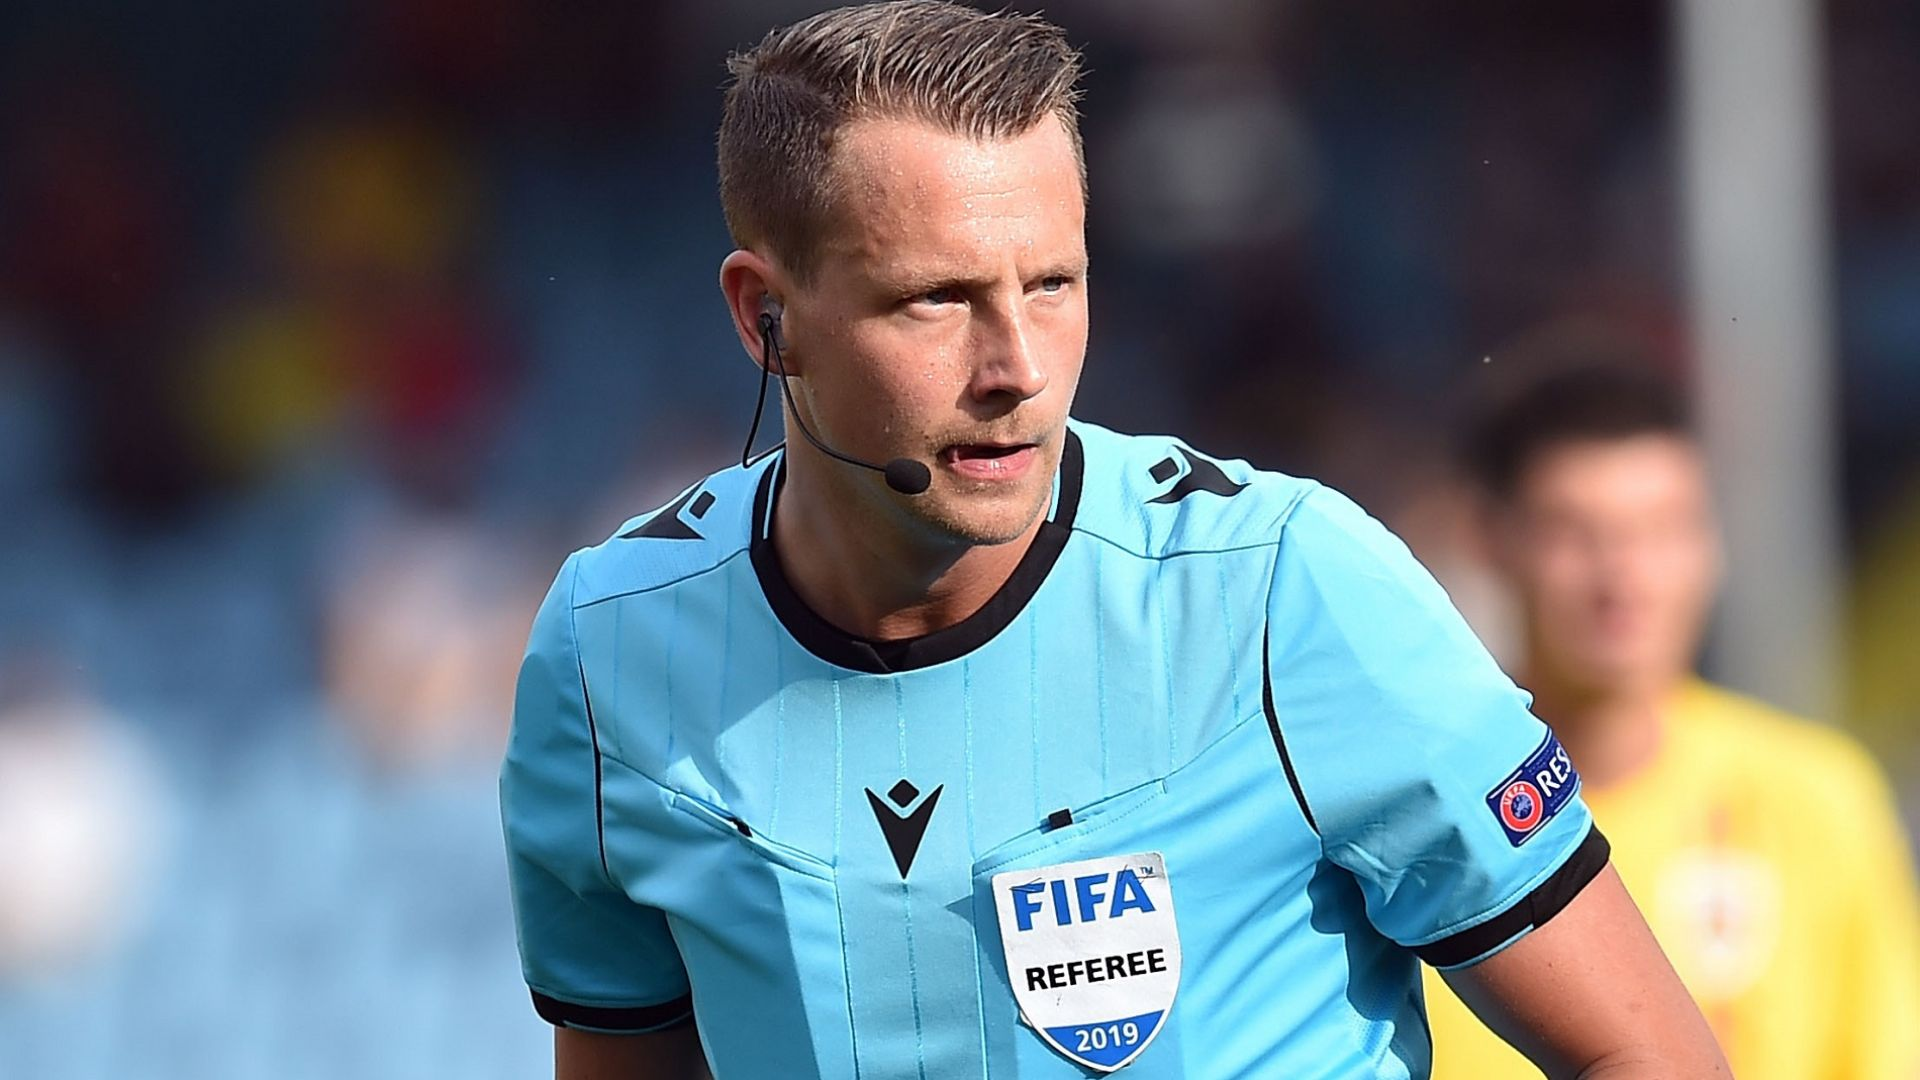 Шведски полицай, който не ни е на късмет, ще свири мача с Черна гора